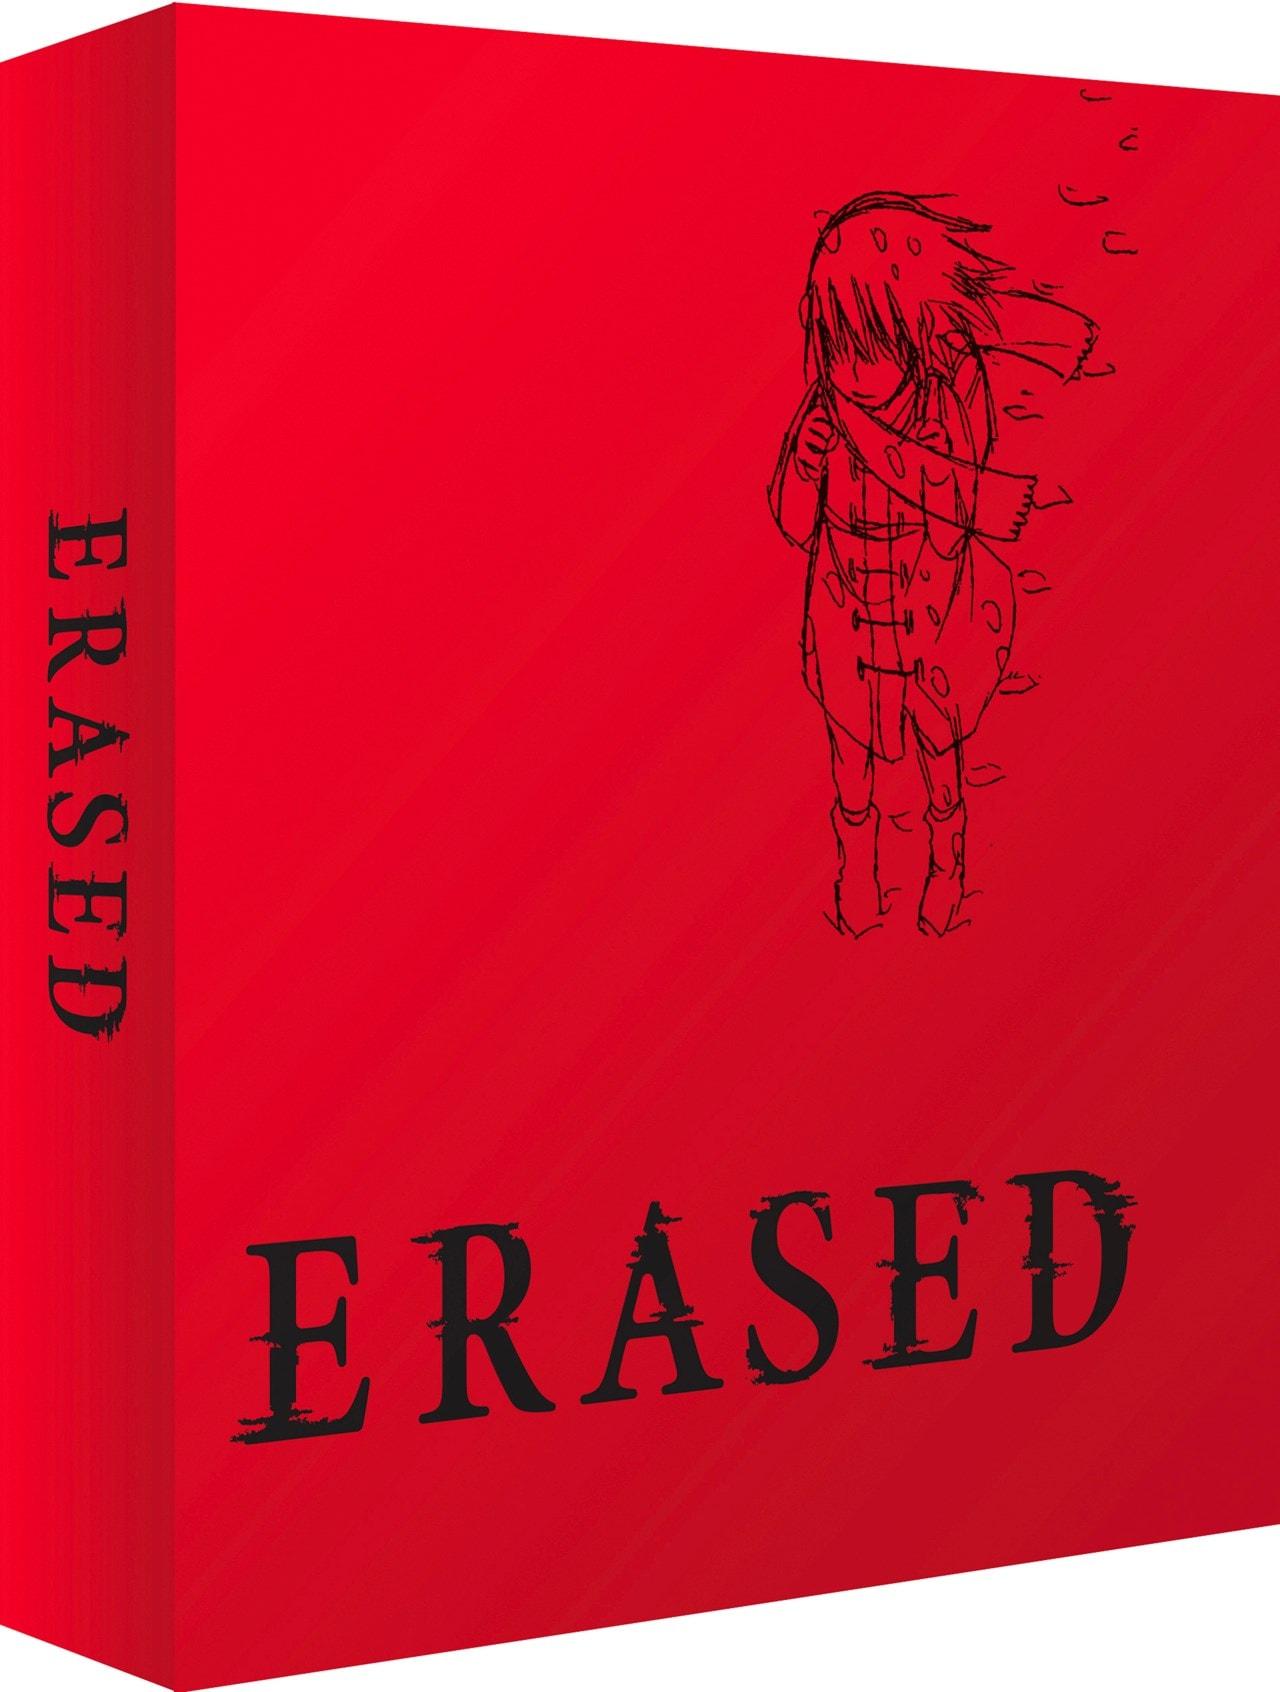 Erased - 1